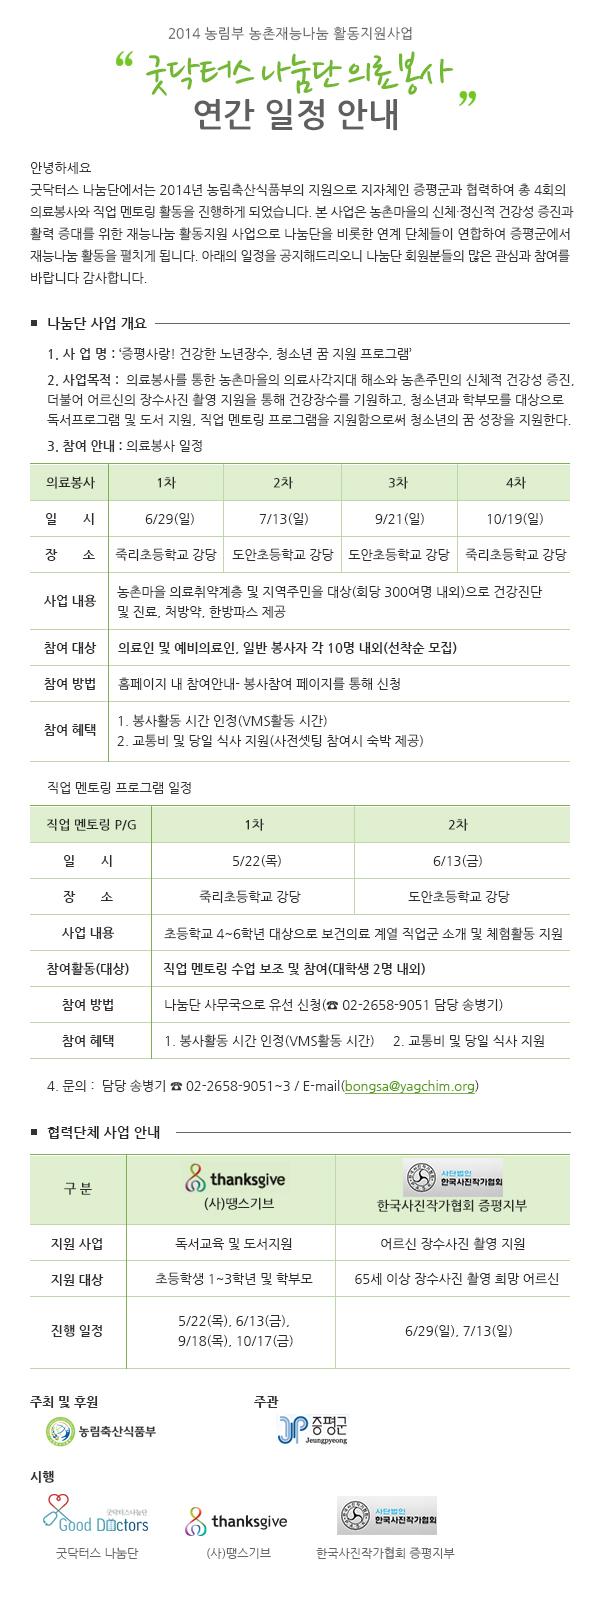 2014년 농림부 지원 증평군 의료봉사 연간일정 안내